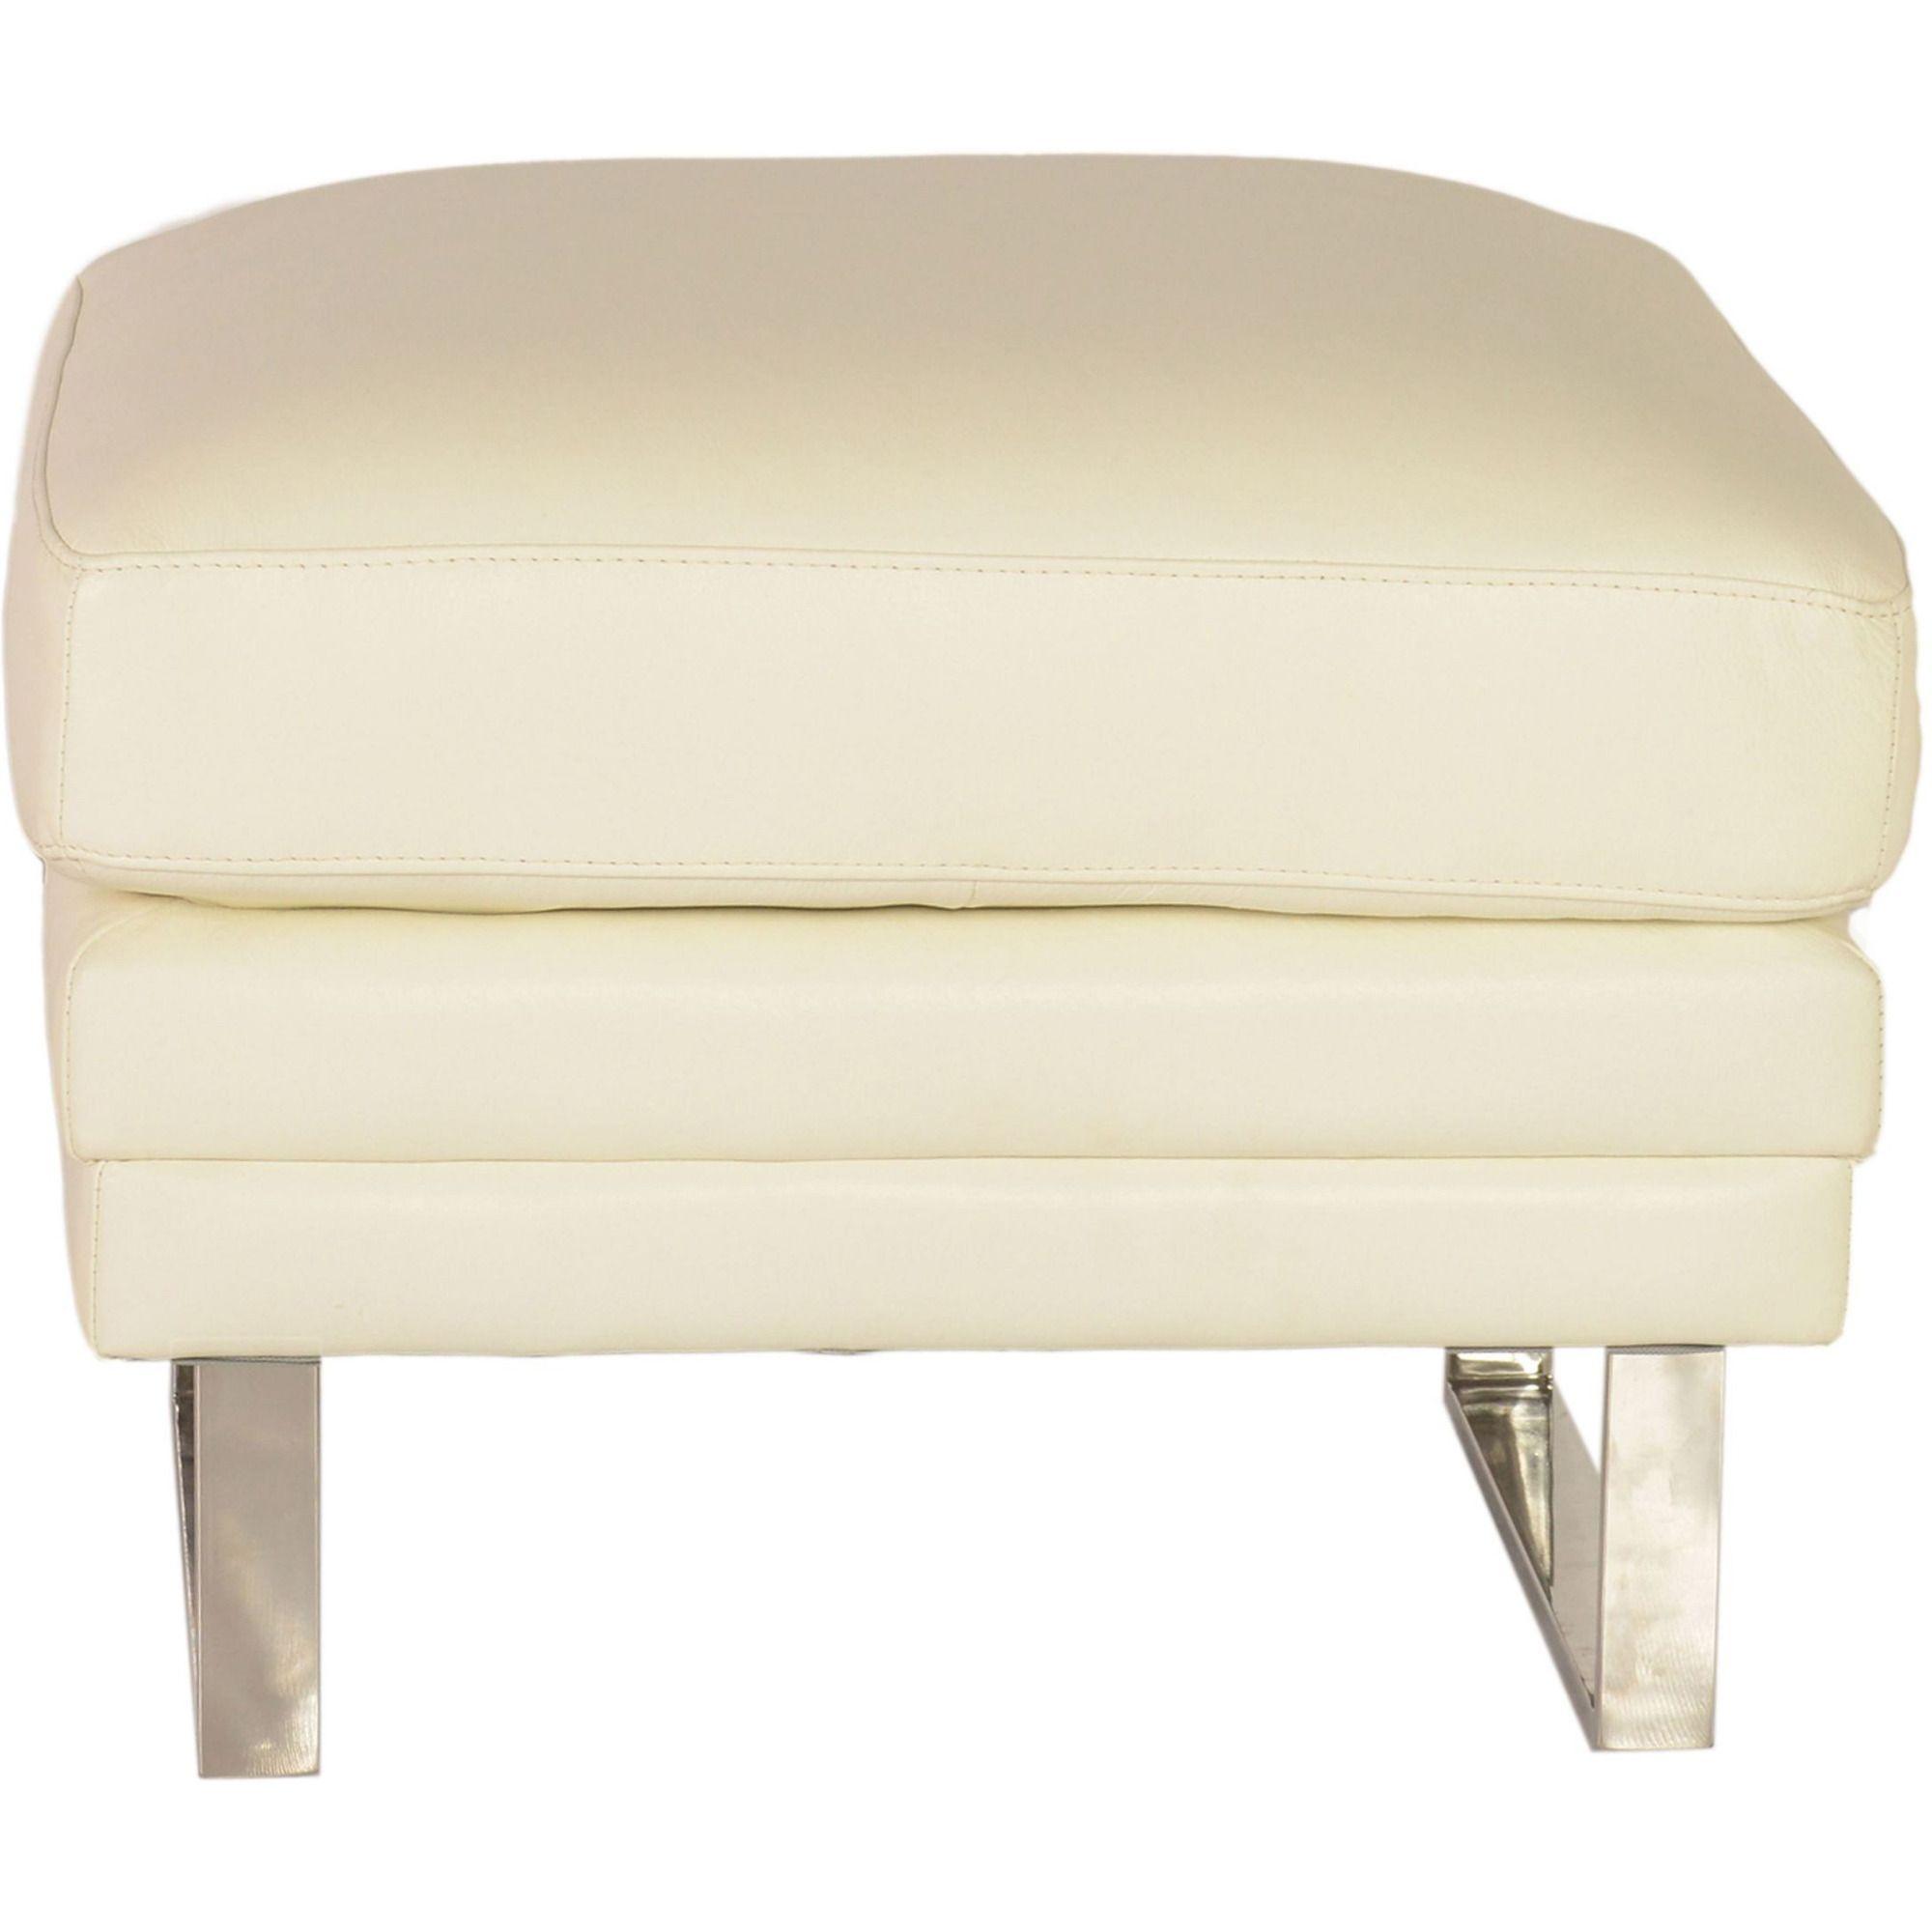 Melbourne Ottoman in White | Lazzaro Leather Furniture ...